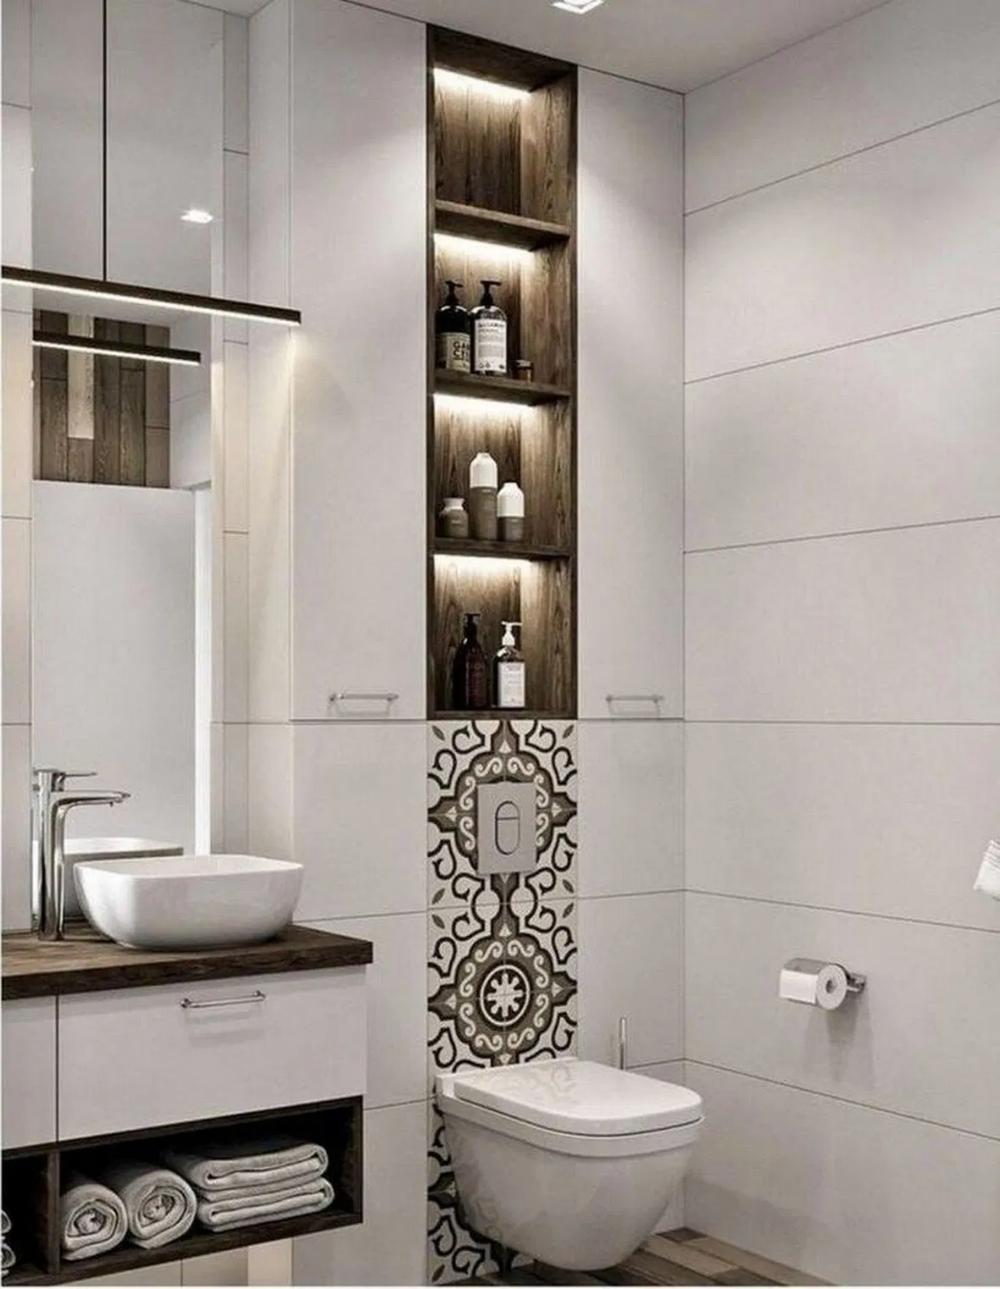 Bathroom Interior Design Ideas 2020 - BESTHOMISH